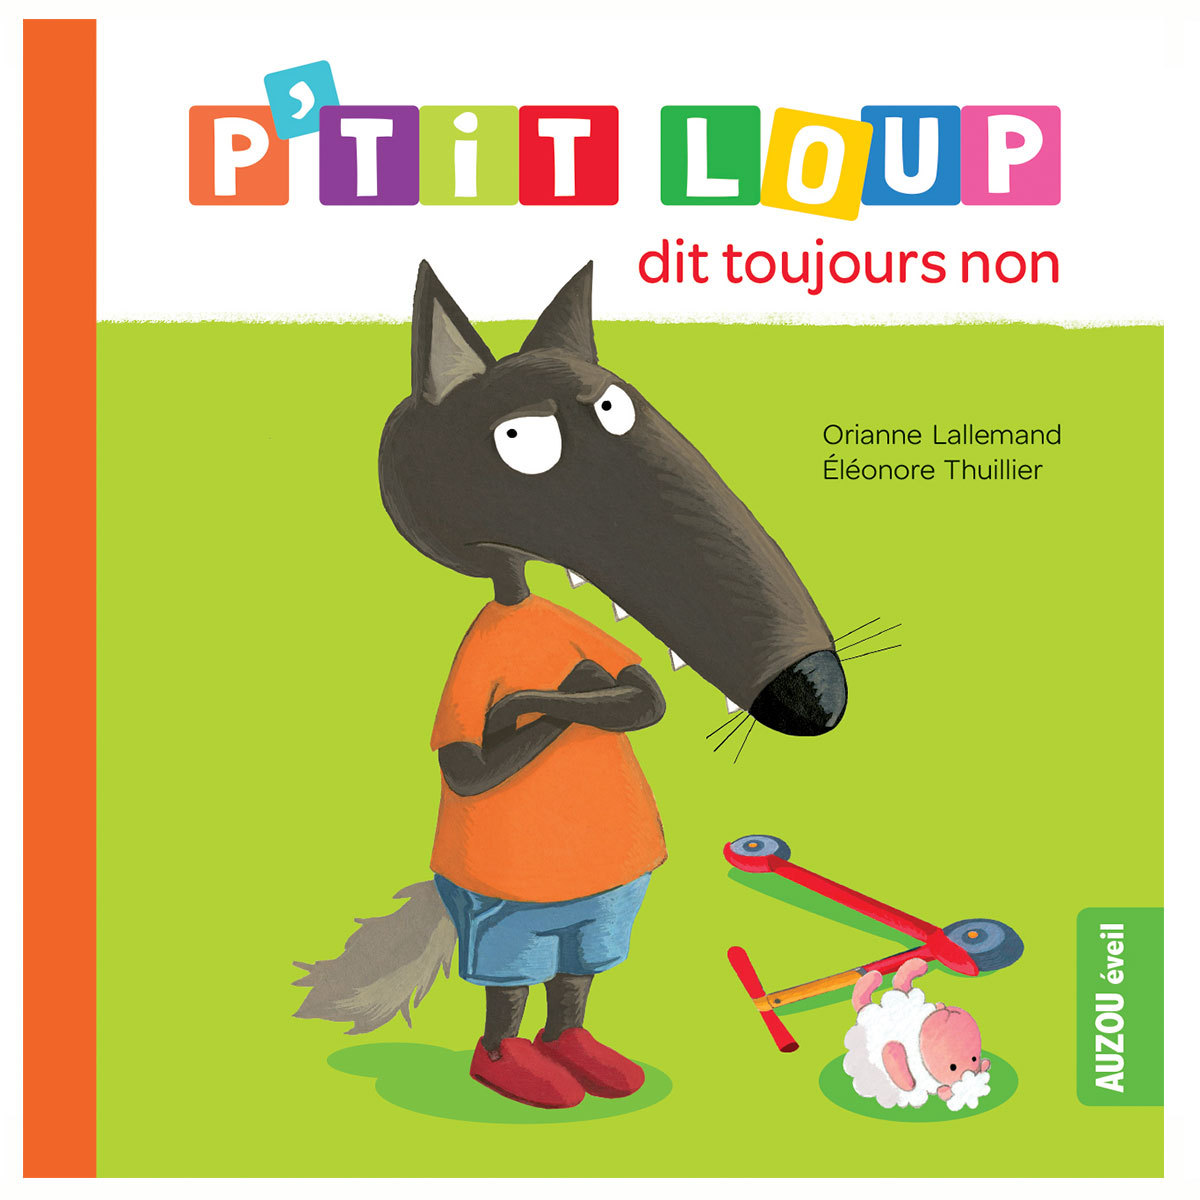 Livre & Carte P'tit Loup dit toujours non P'tit Loup dit toujours non